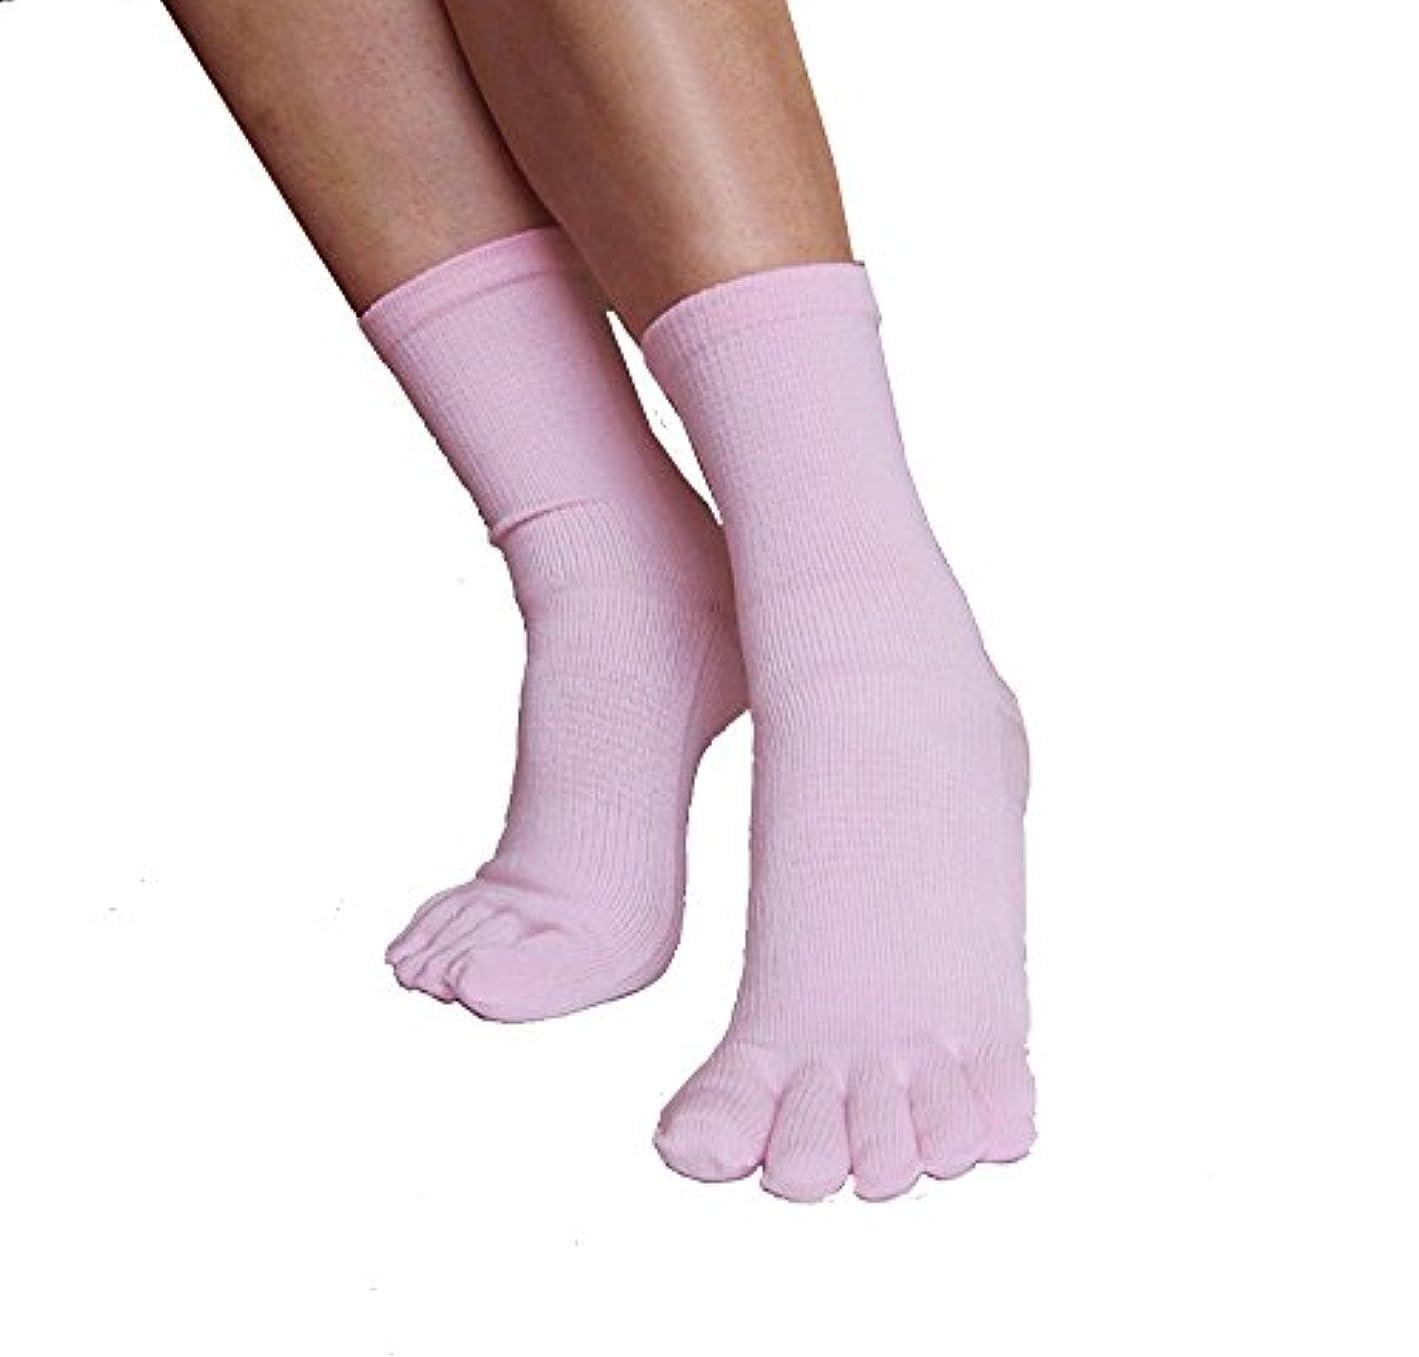 魅力的サラダモンゴメリー外反母趾対策 5本指靴下 綿タイプ ピンク